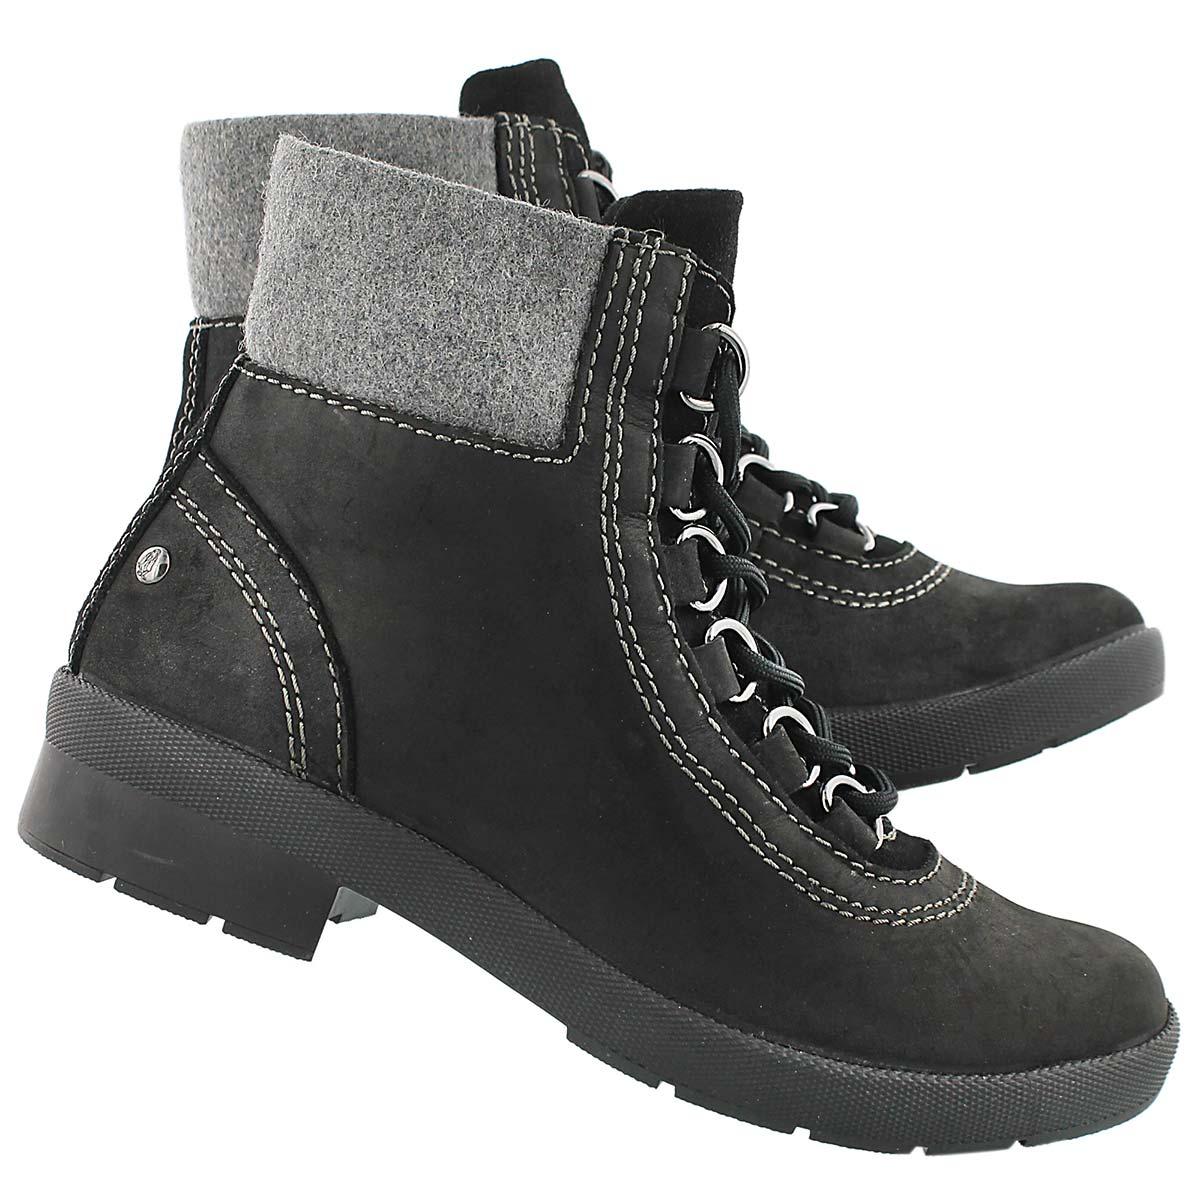 Lds Dorris Fairley blk wtpf winter boot